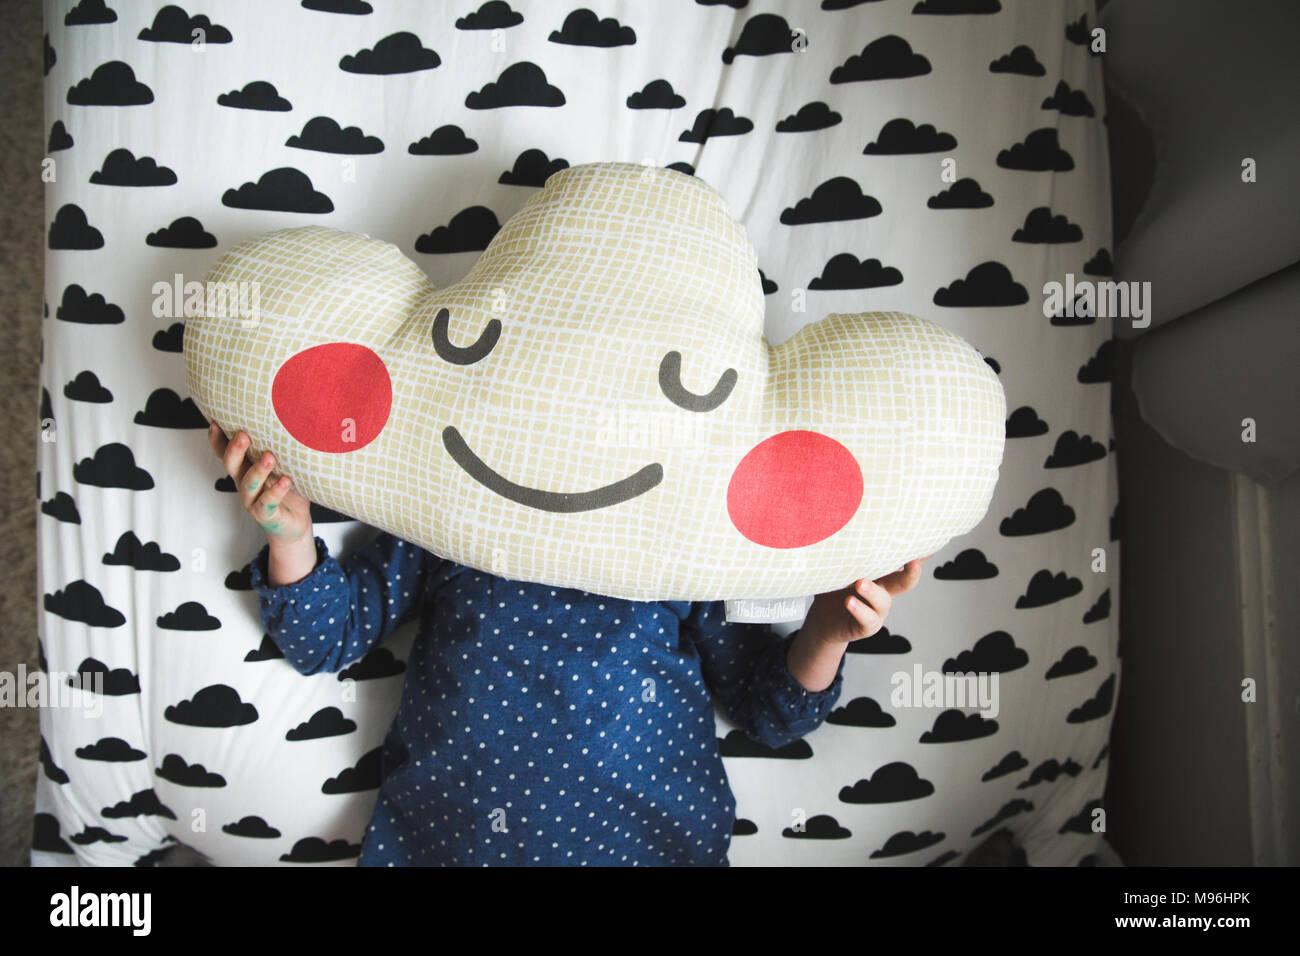 Chica acostado en la cama con la nube almohada sobre su cara Imagen De Stock